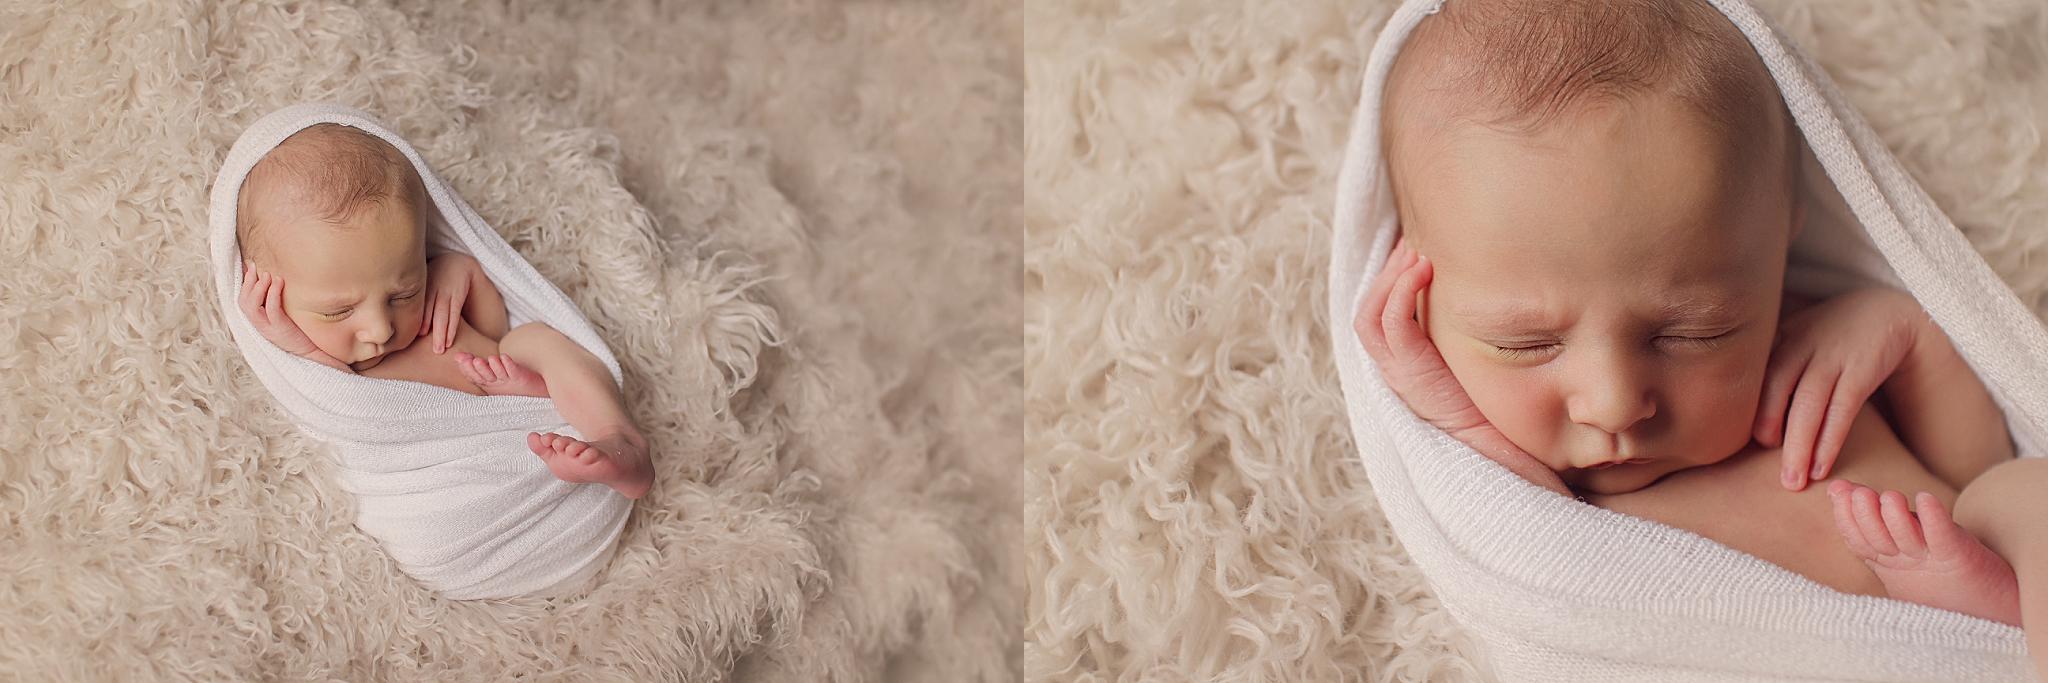 Blanchard Newborn Photographer | Baby Mesa